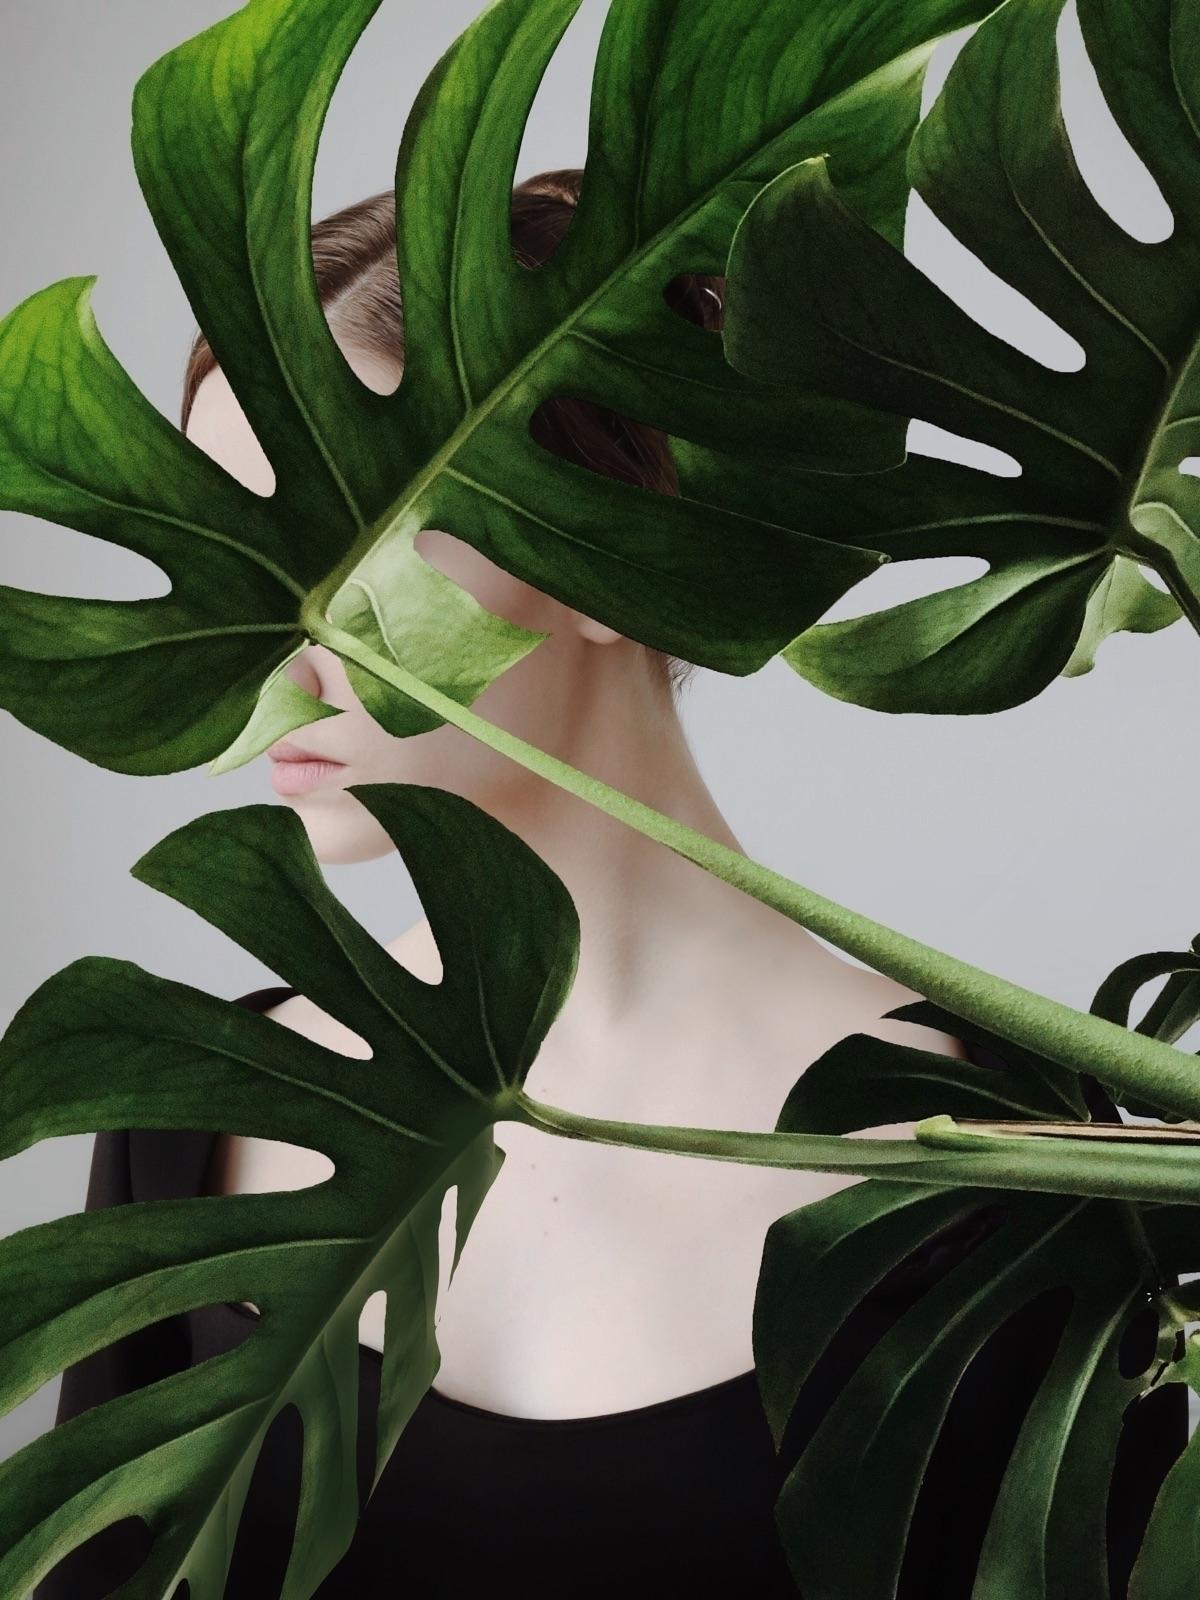 makeportraits - sammescobar | ello